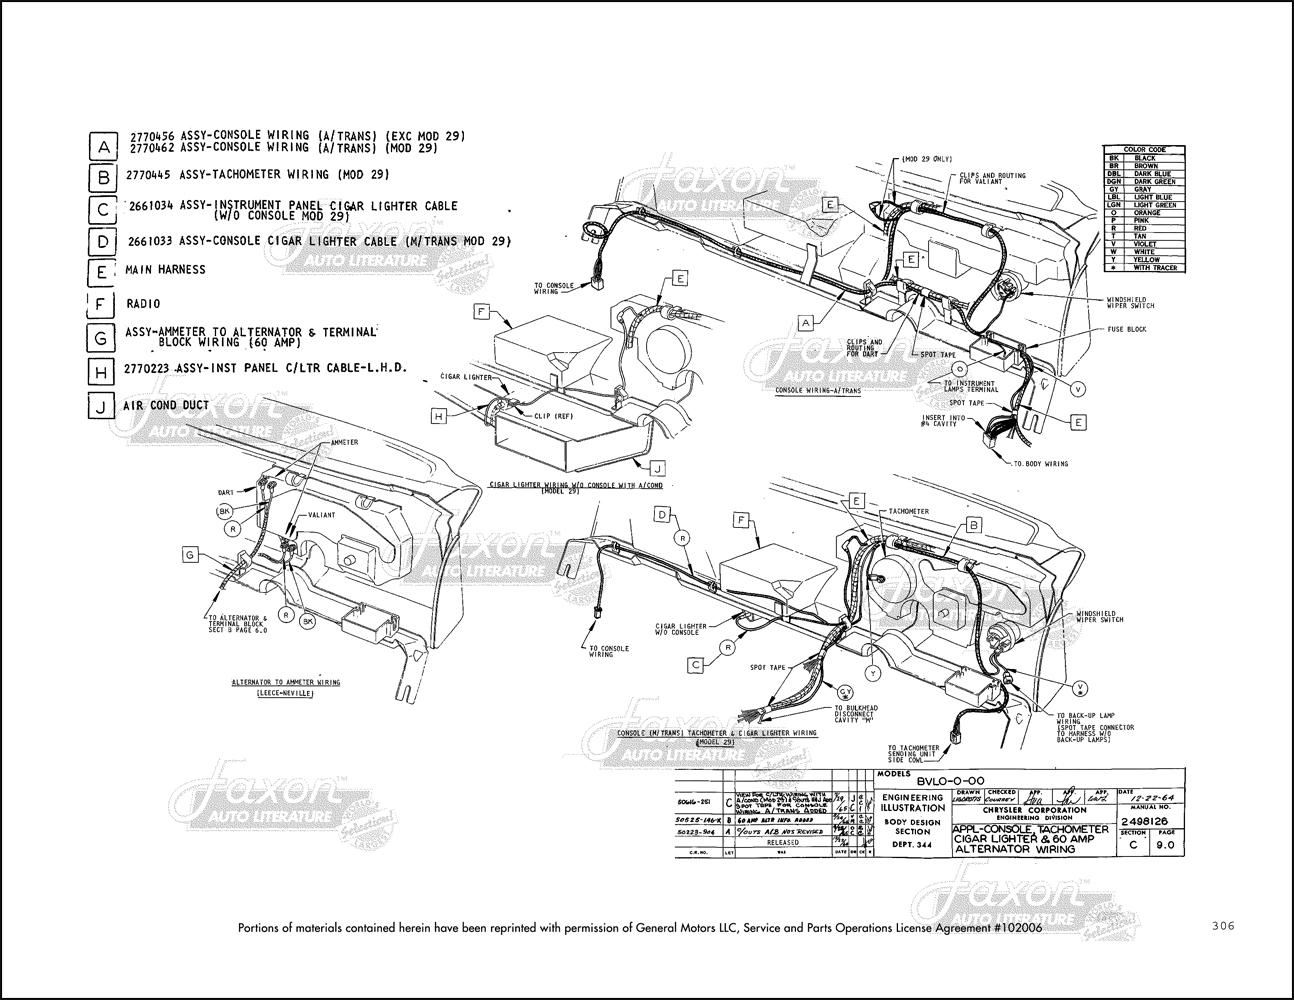 La Plymouth Valiant Or Barracuda Engine